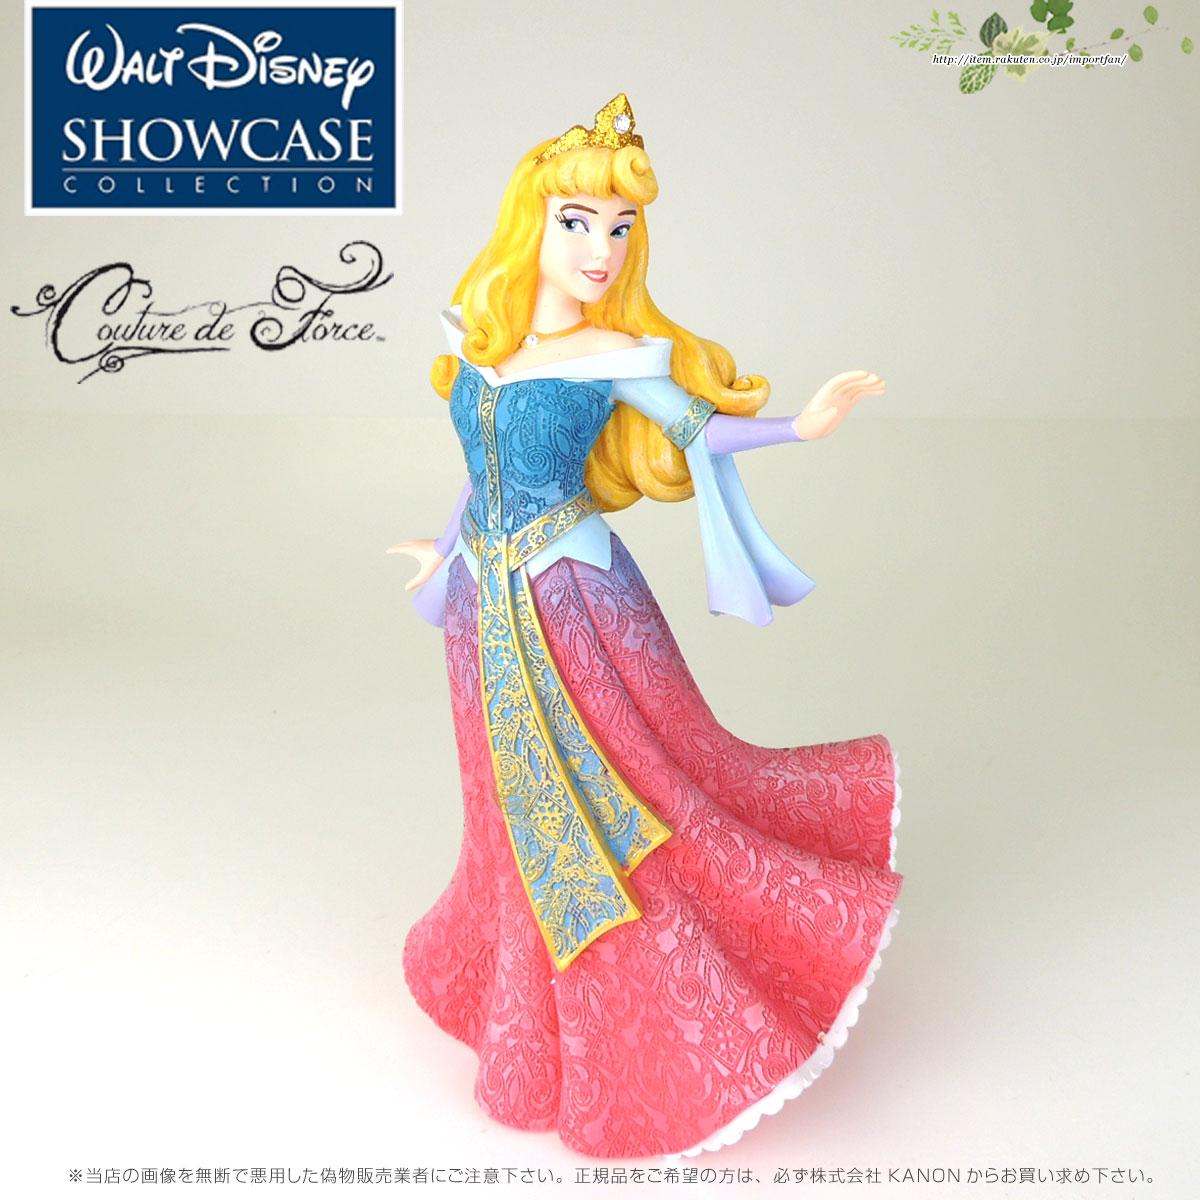 ディズニー ショーケース コレクション クチュール デ フォース オーロラ姫 眠れる森の美女 ディズニー 4058290 Princess Aurora Disney Couture de Force Disney Showcase Couture de Force□